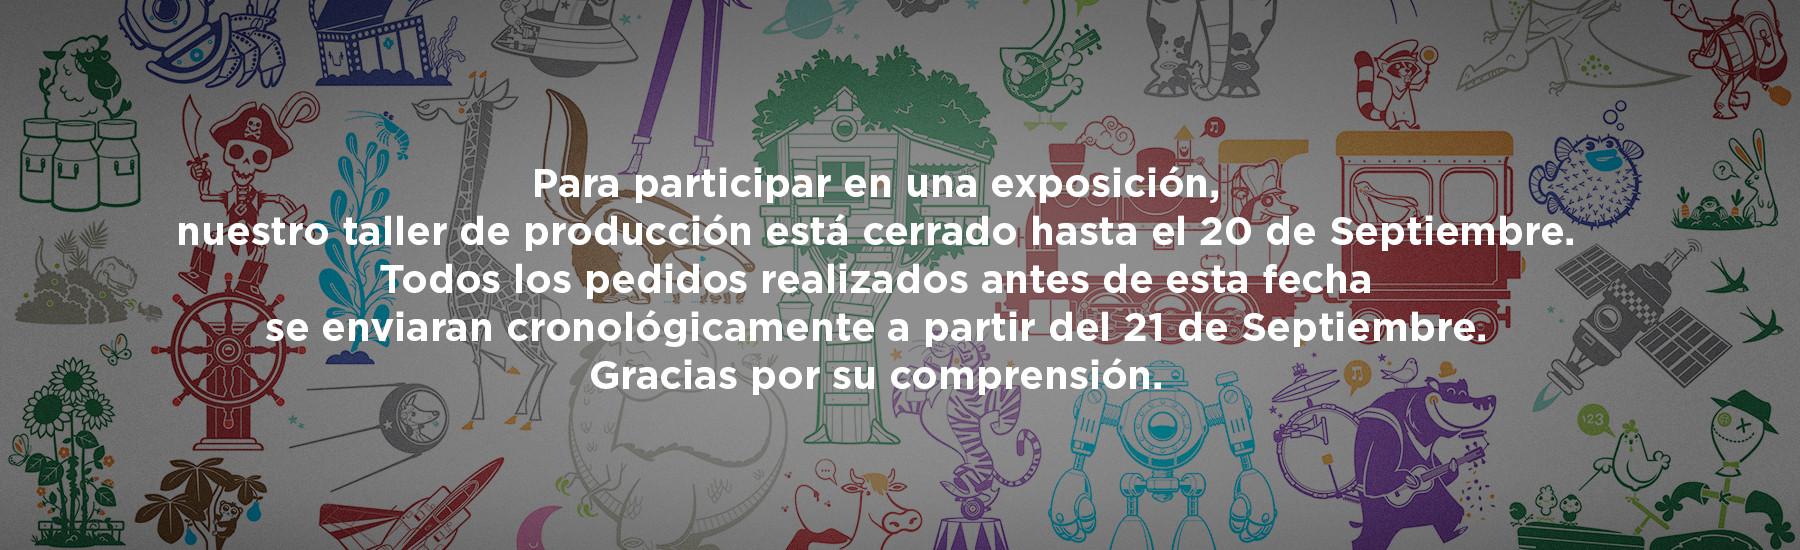 Exposición 2020 - Clausura Taller de Producción